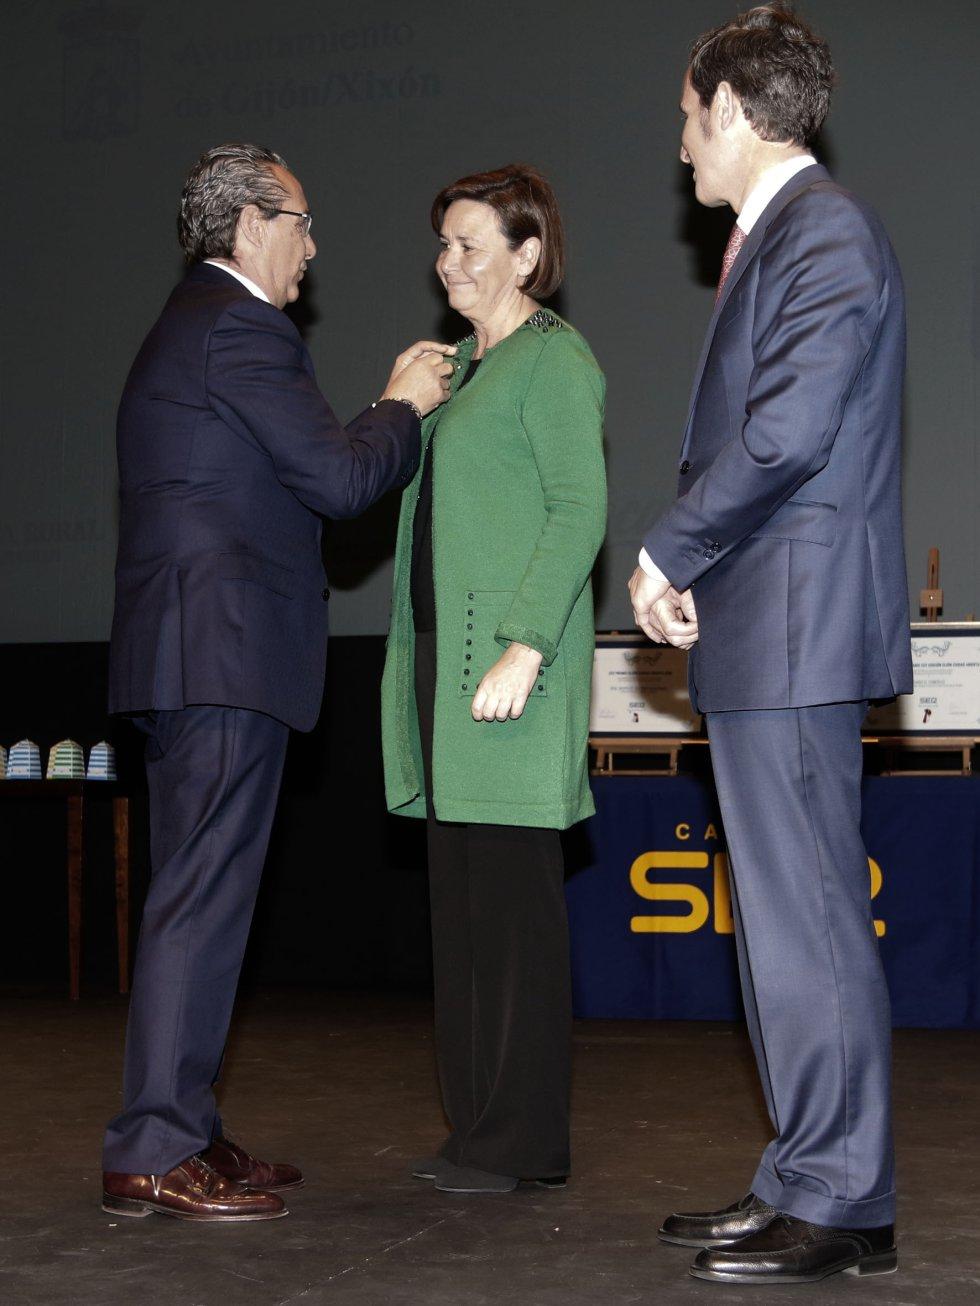 El director de la Red de Emisoras, José Carlos Herreros le impone la insignia de oro a la alcaldesa de Gijón, Carmen Moriyón en presencia del director de Ser Gijón, Pablo González-Palacios